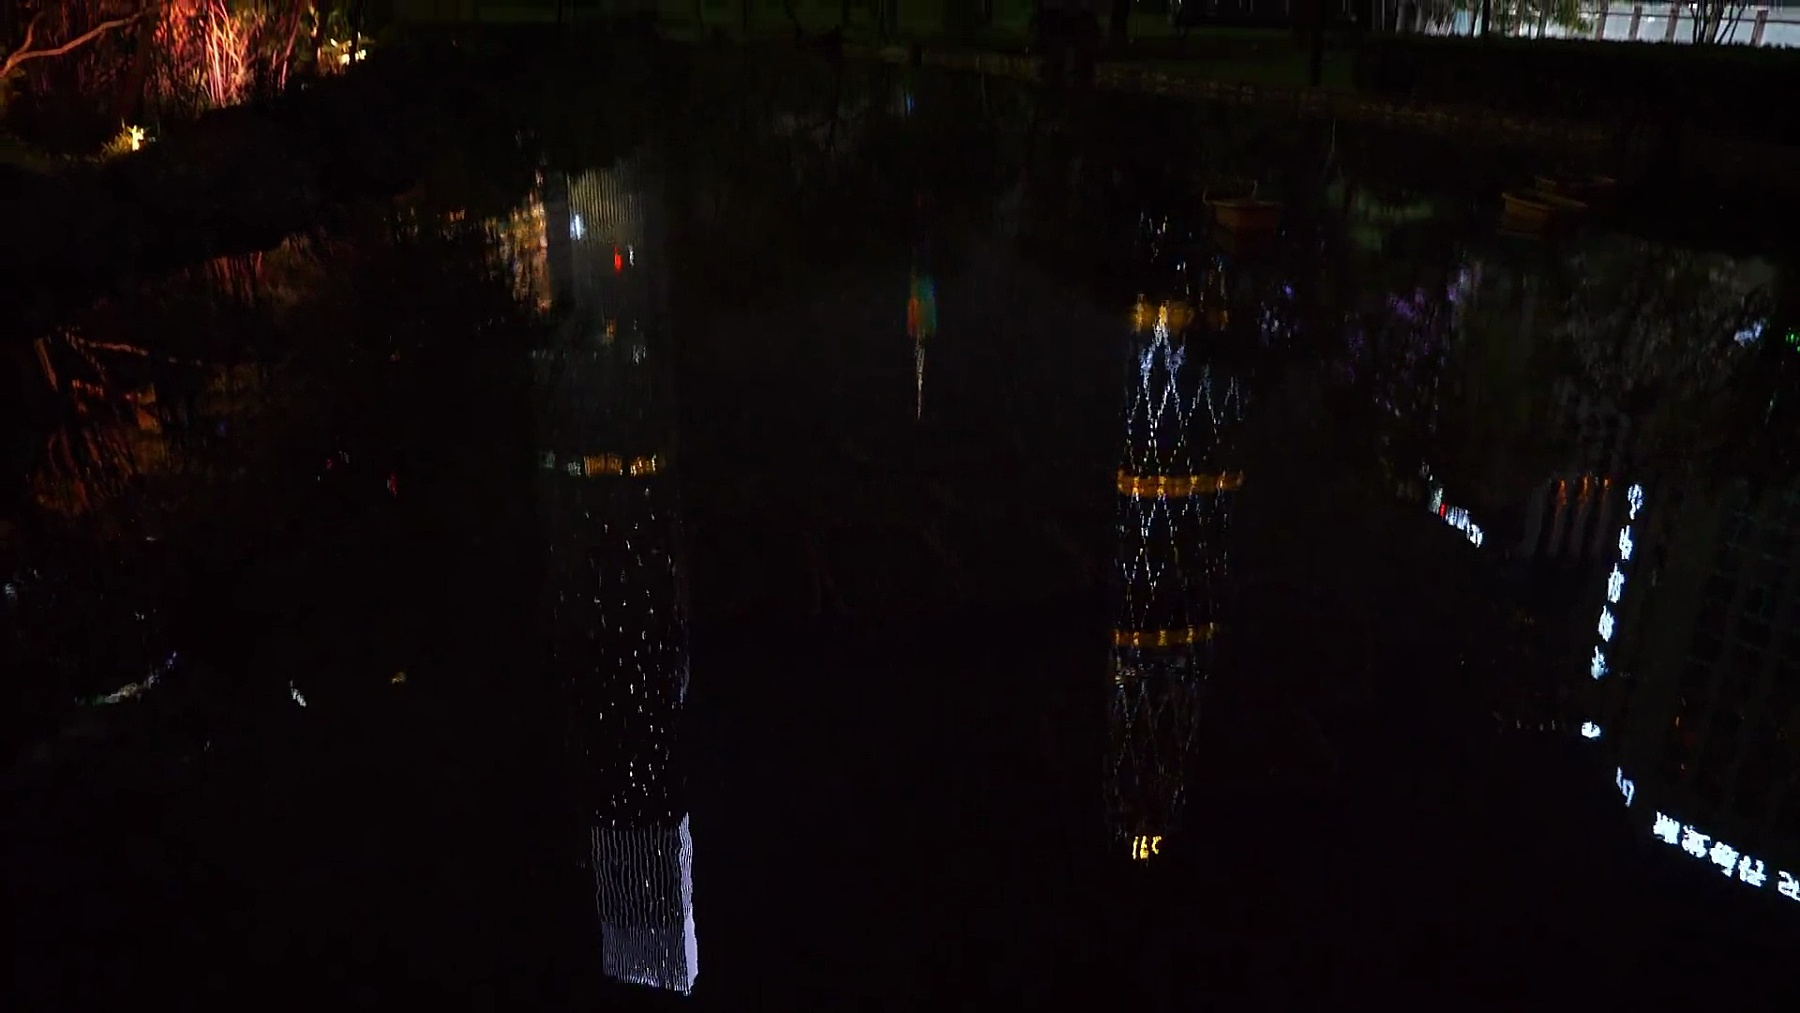 夜光照亮广州市闹市区巨型大厦池塘反射全景